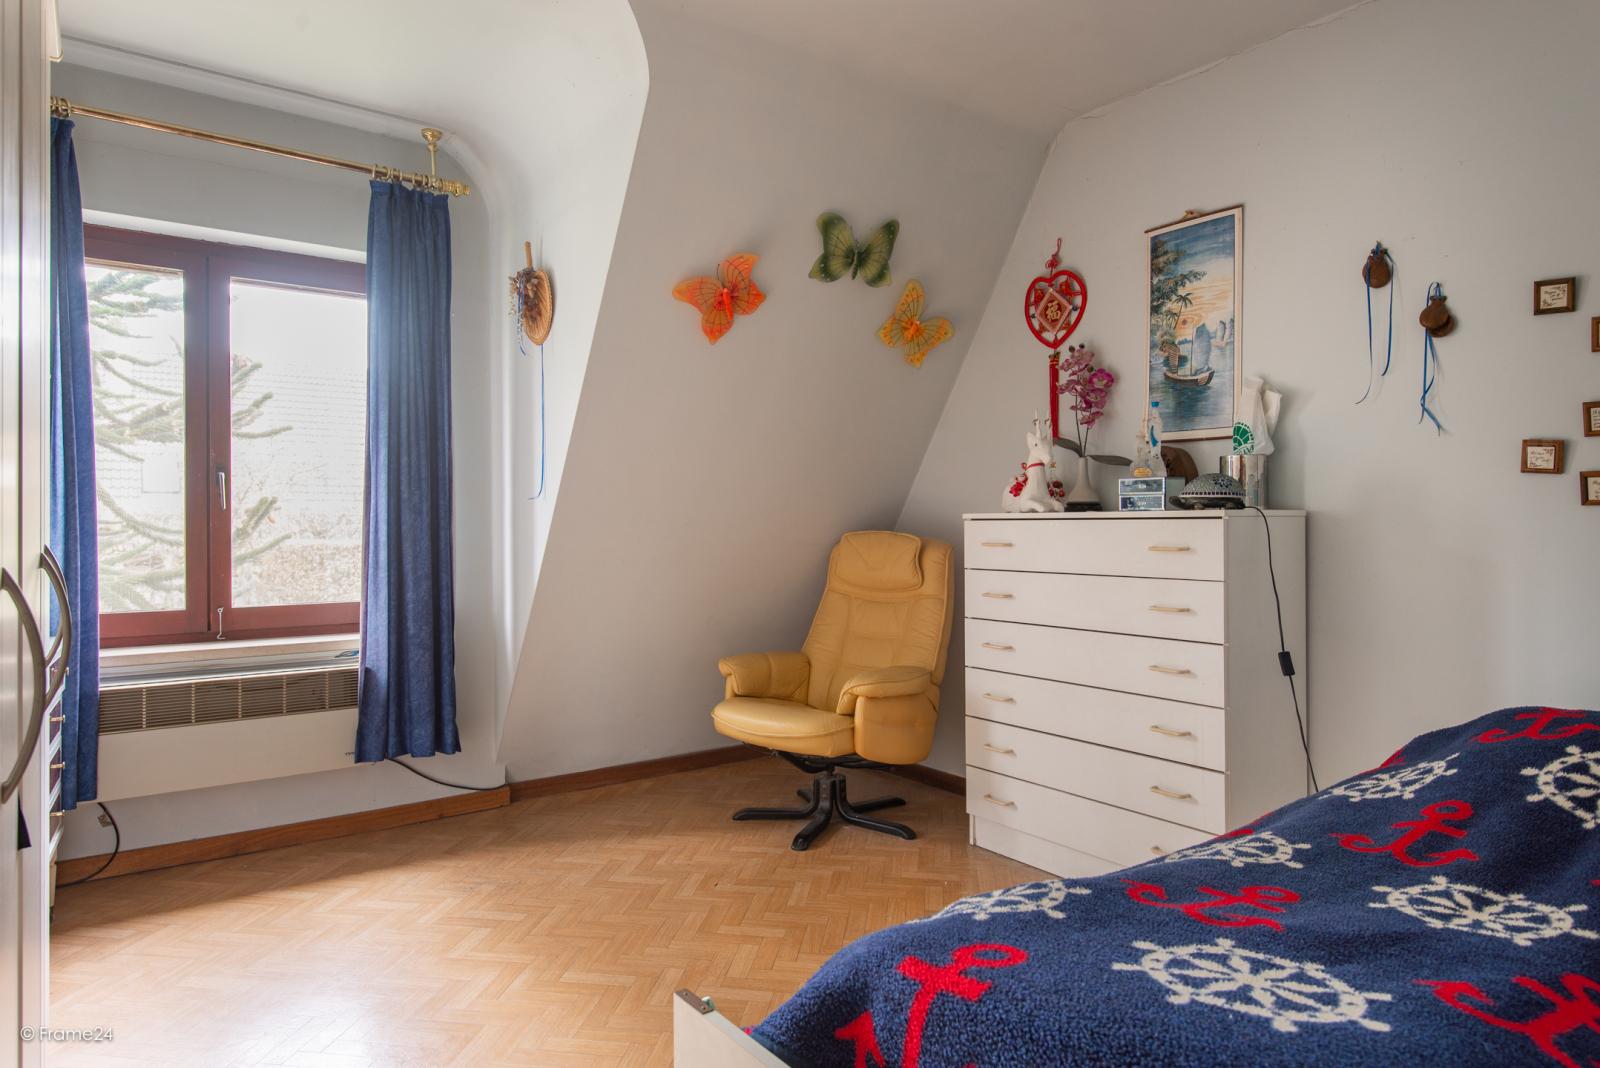 Zeer verzorgde halfopen woning met drie slaapkamers, garage, leuke tuin en gelegen op een toplocatie te Wijnegem!  afbeelding 16